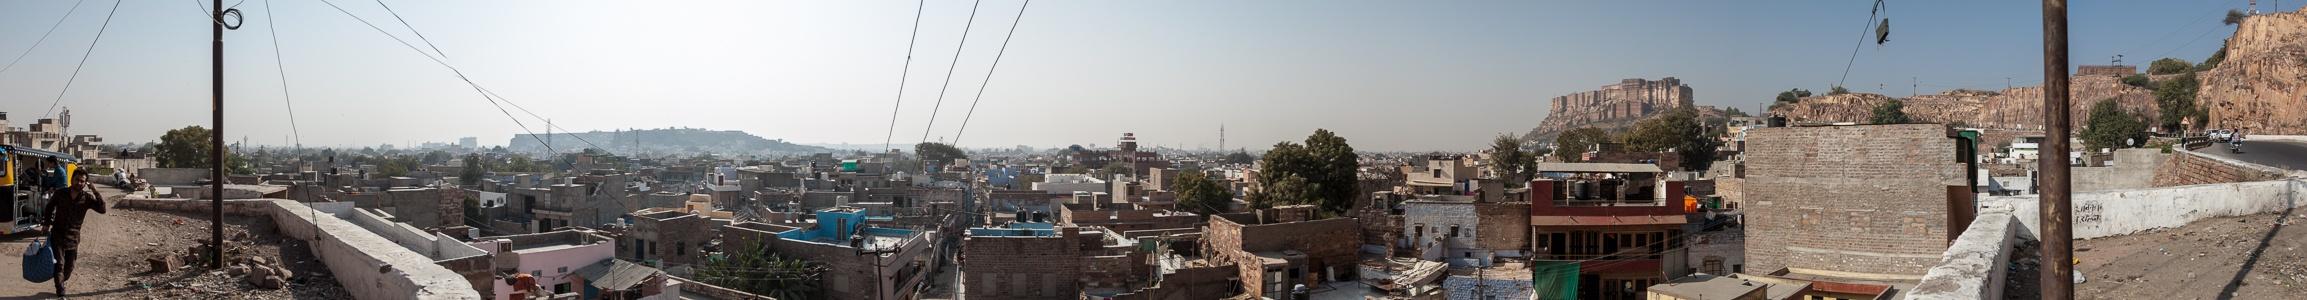 Jodhpur Altstadt Mehrangarh Fort